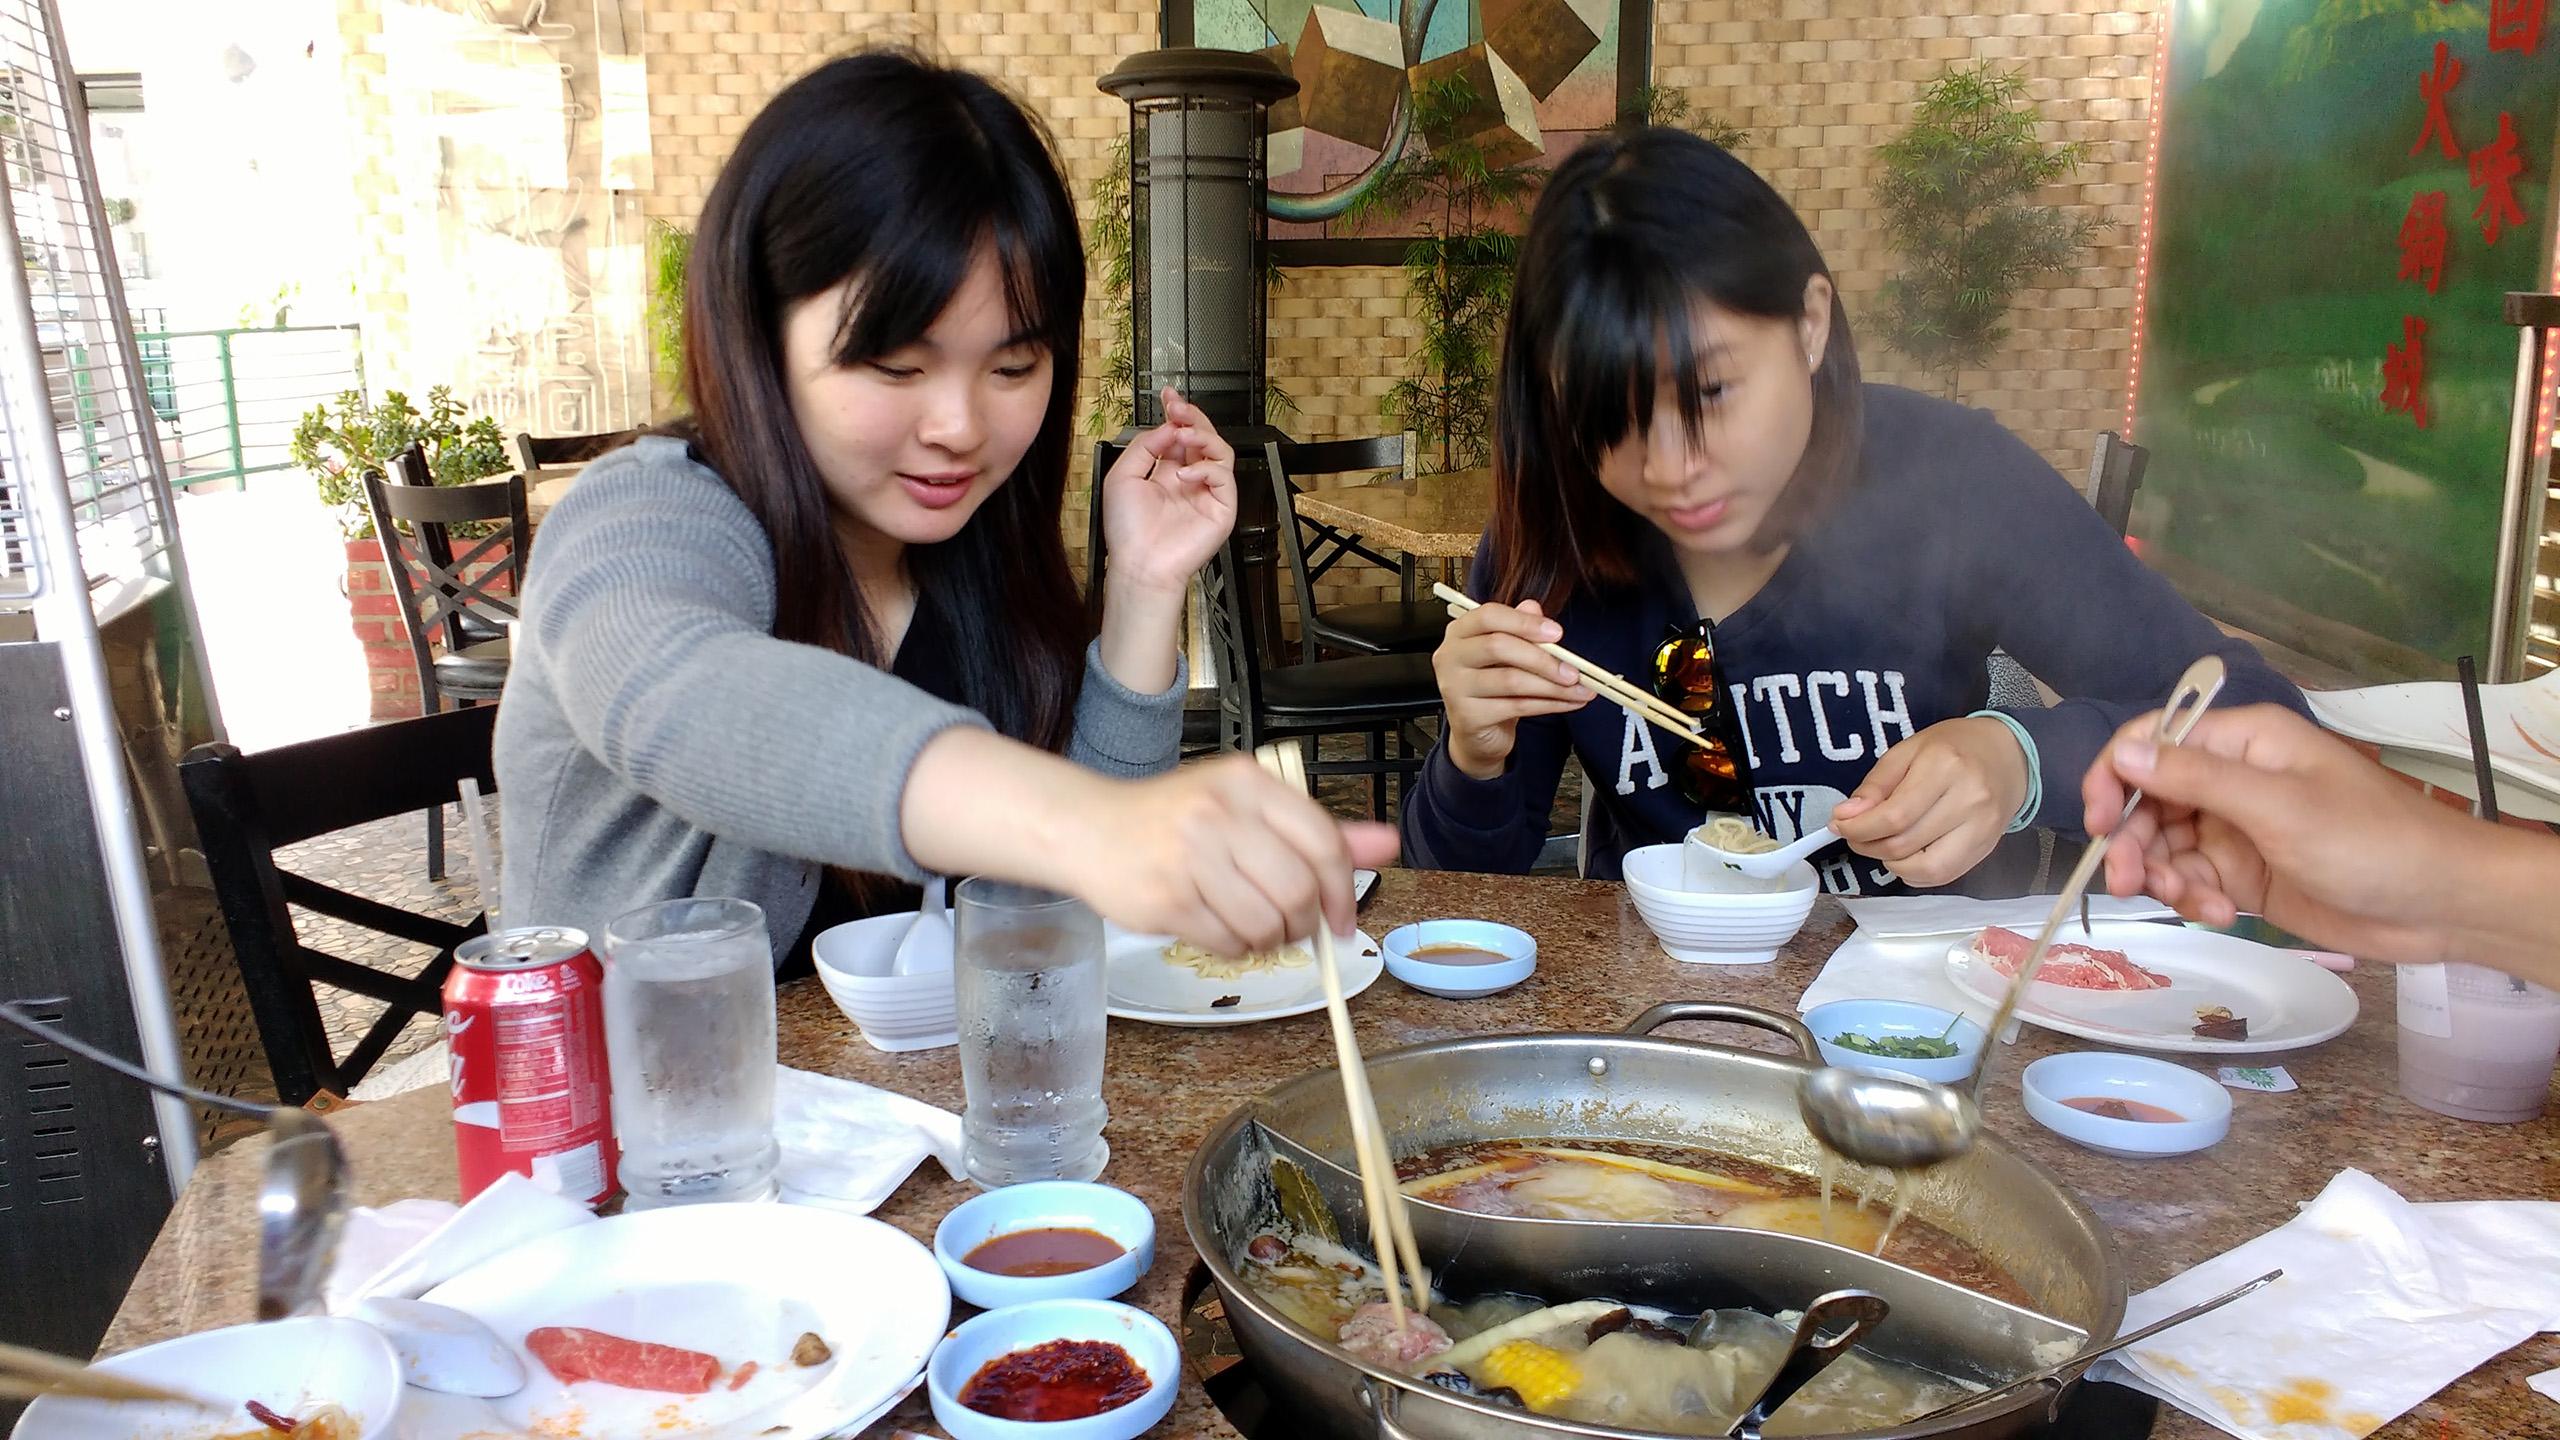 Joey reaches her chopsticks into the hot pot